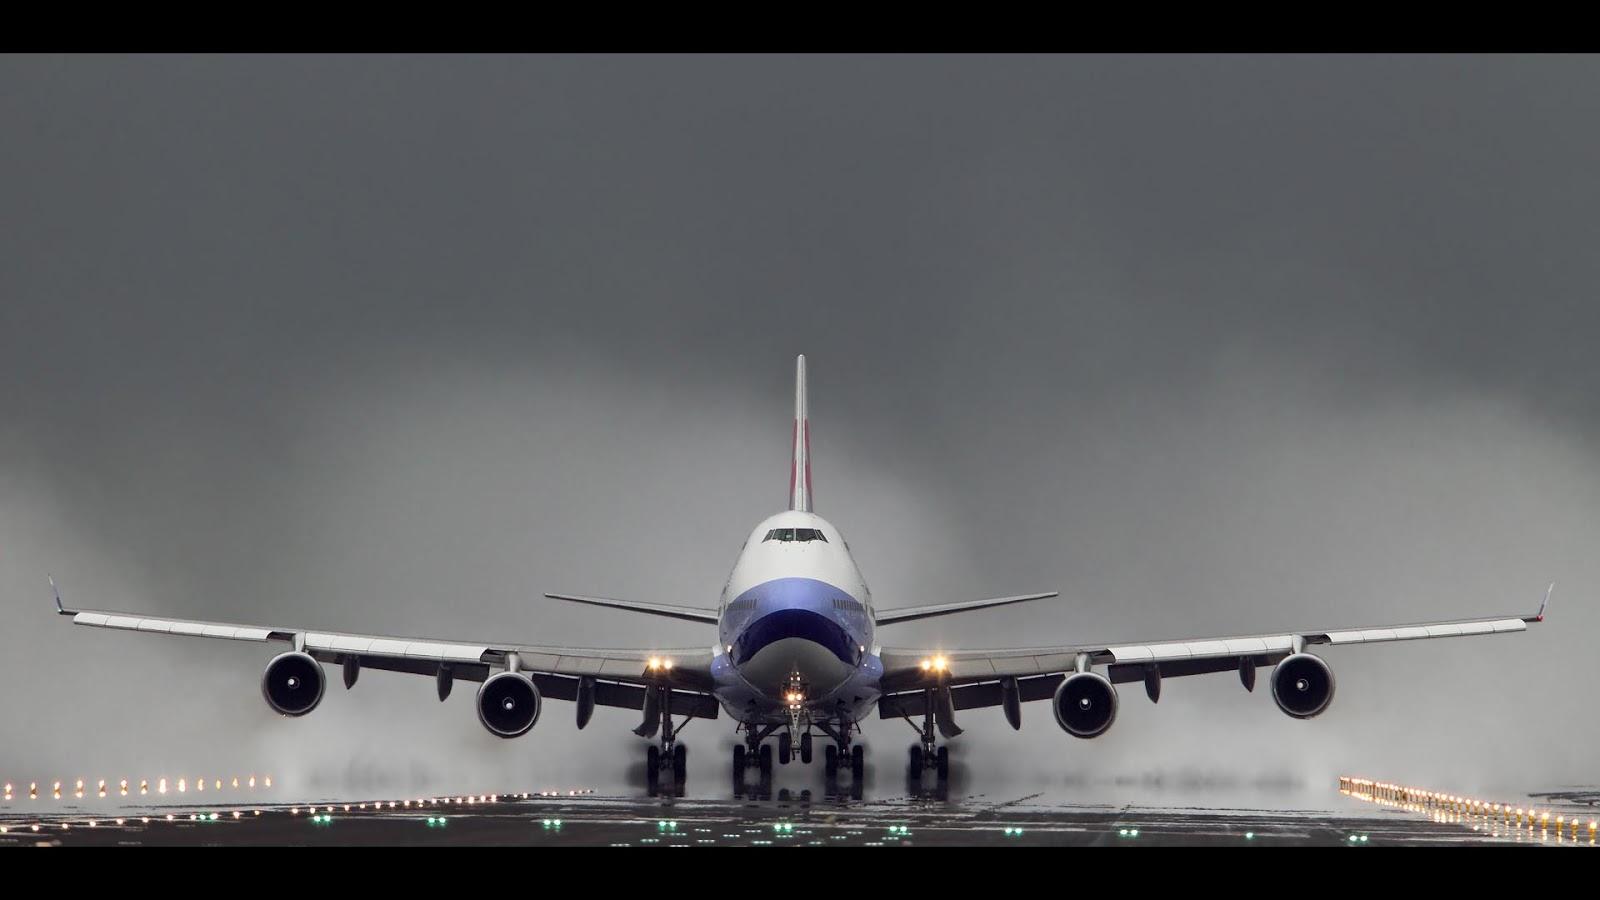 Boeing 747 B 18208 Departing